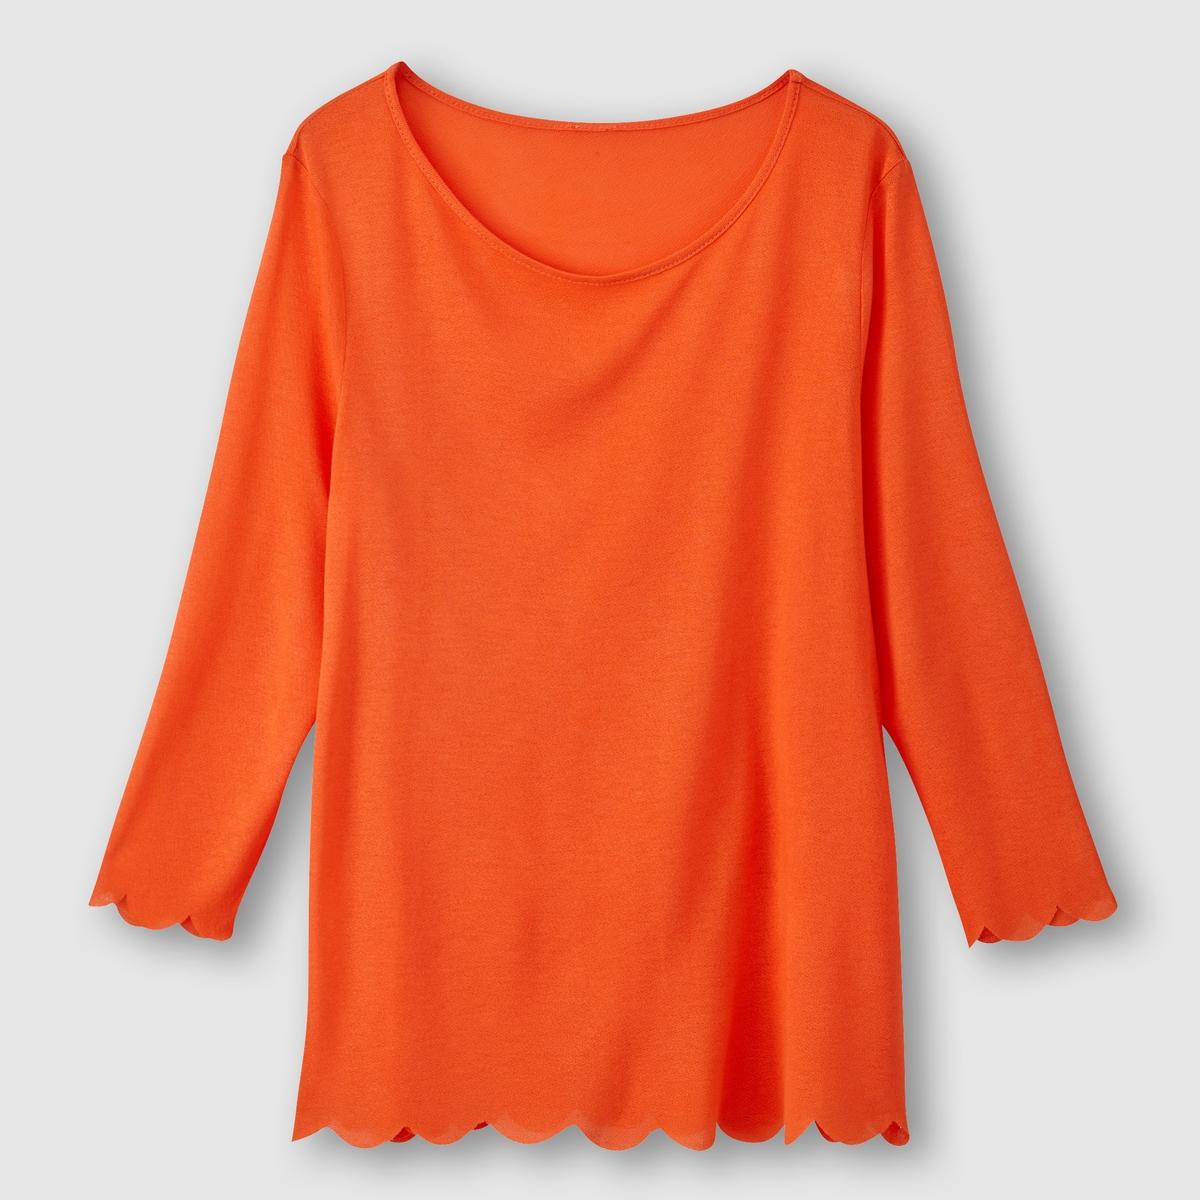 Футболка с вырезом-лодочкойФутболка Вырез-лодочка Рукава 3/4 Зубчатая отделка рукавов и низа Длина 56 см<br><br>Цвет: оранжево-красный